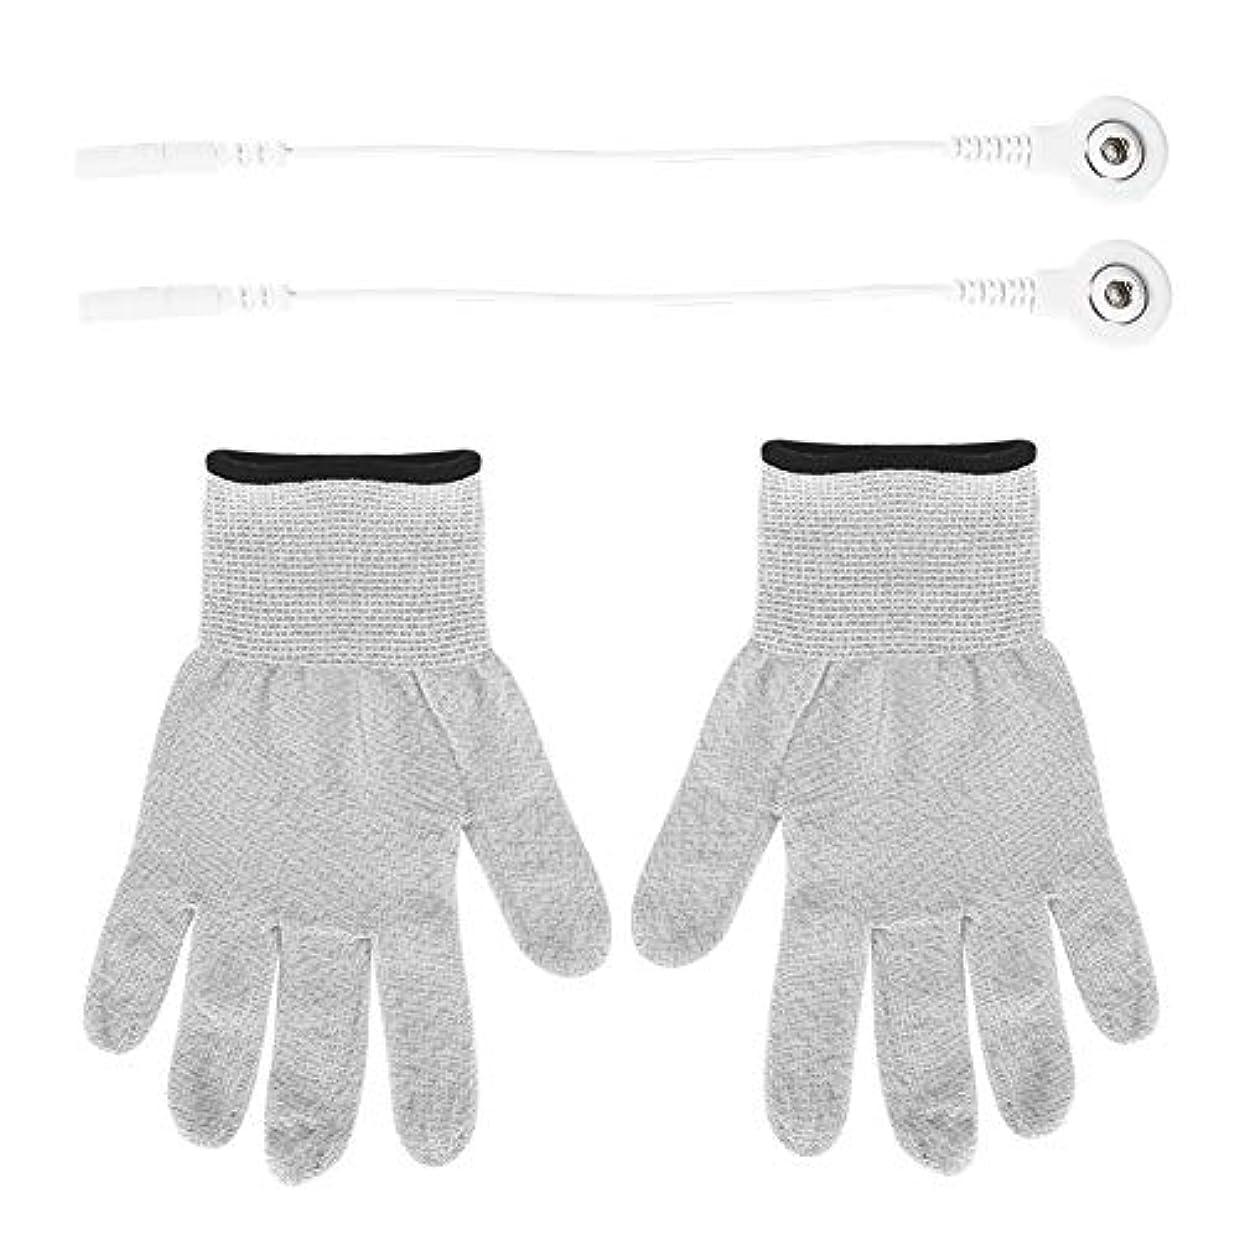 実施する幻想的したがって1組 電極 手袋繊維 電気衝撃療法 マッサージ 手袋電気衝撃繊維 脈拍療法 マッサージ 伝導性 手袋